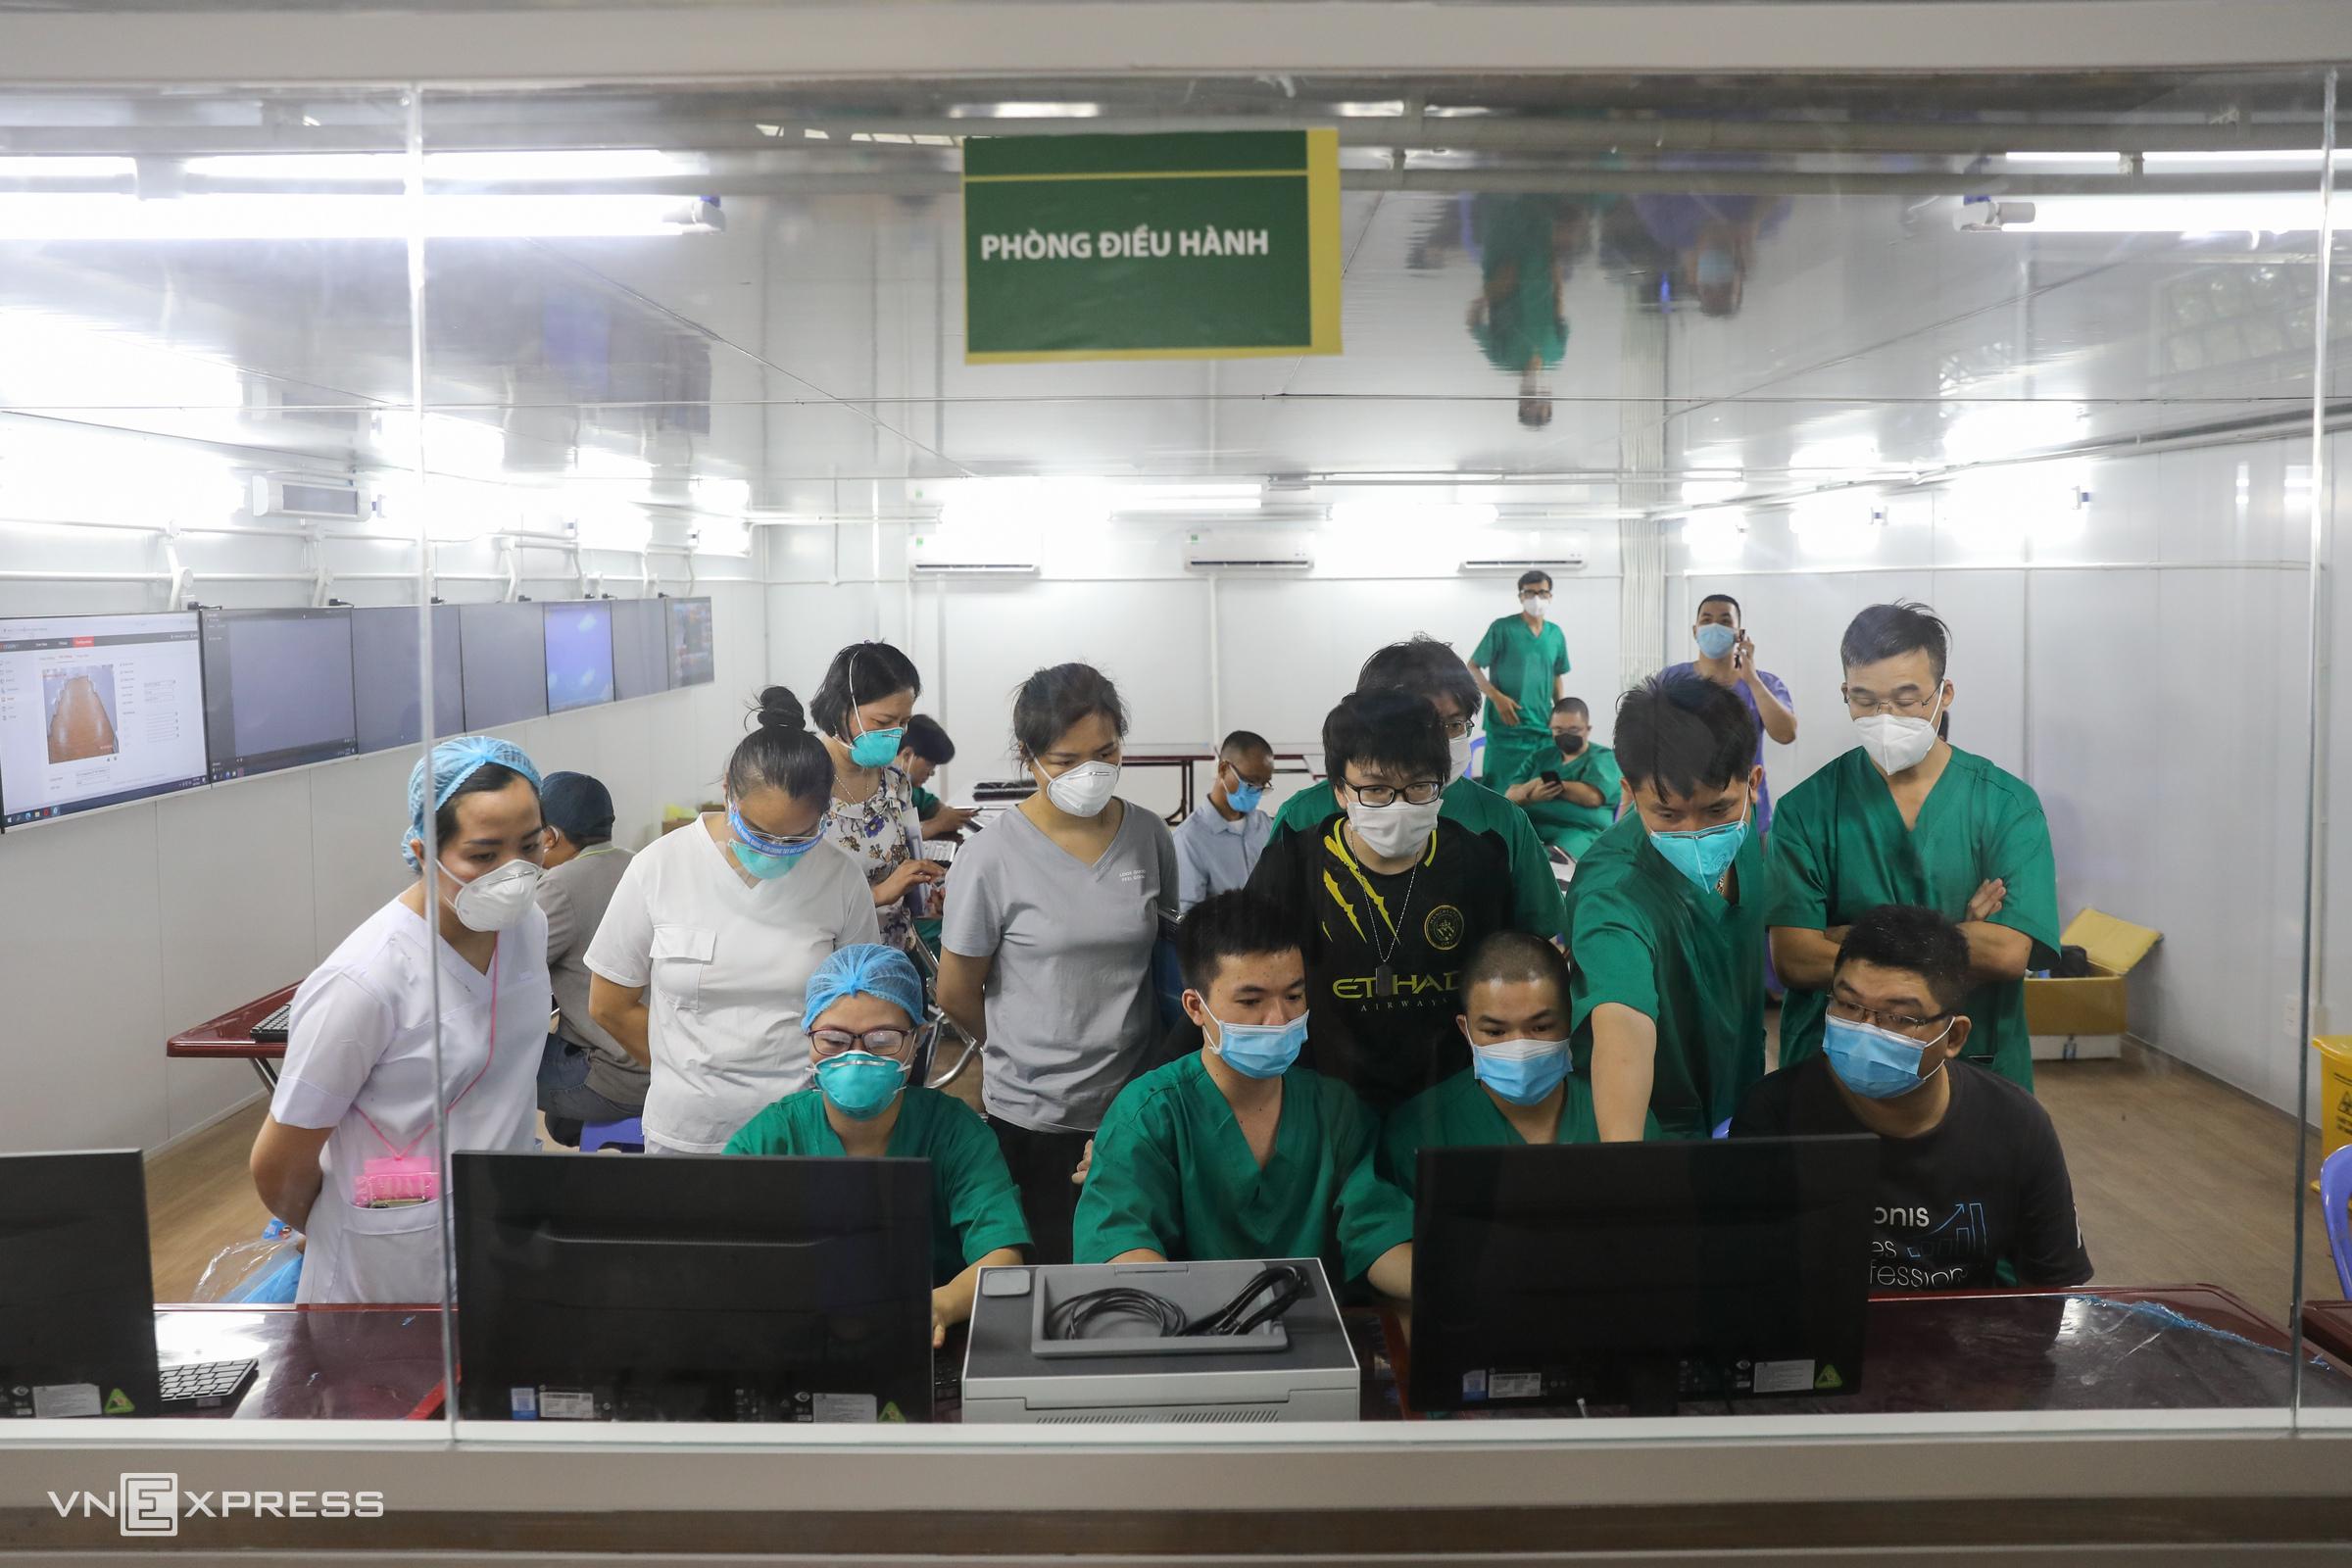 Phòng điều hành Trung tâm hồi sức tích cực tại Bệnh viện dã chiến số 16, quận 7, TP HCM, các nhân viên y tế tập huấn lại lần nữa trước lúc chính thức tiếp nhận bệnh nhân Covid-19, ngày 7/8. Ảnh: Như Quỳnh.